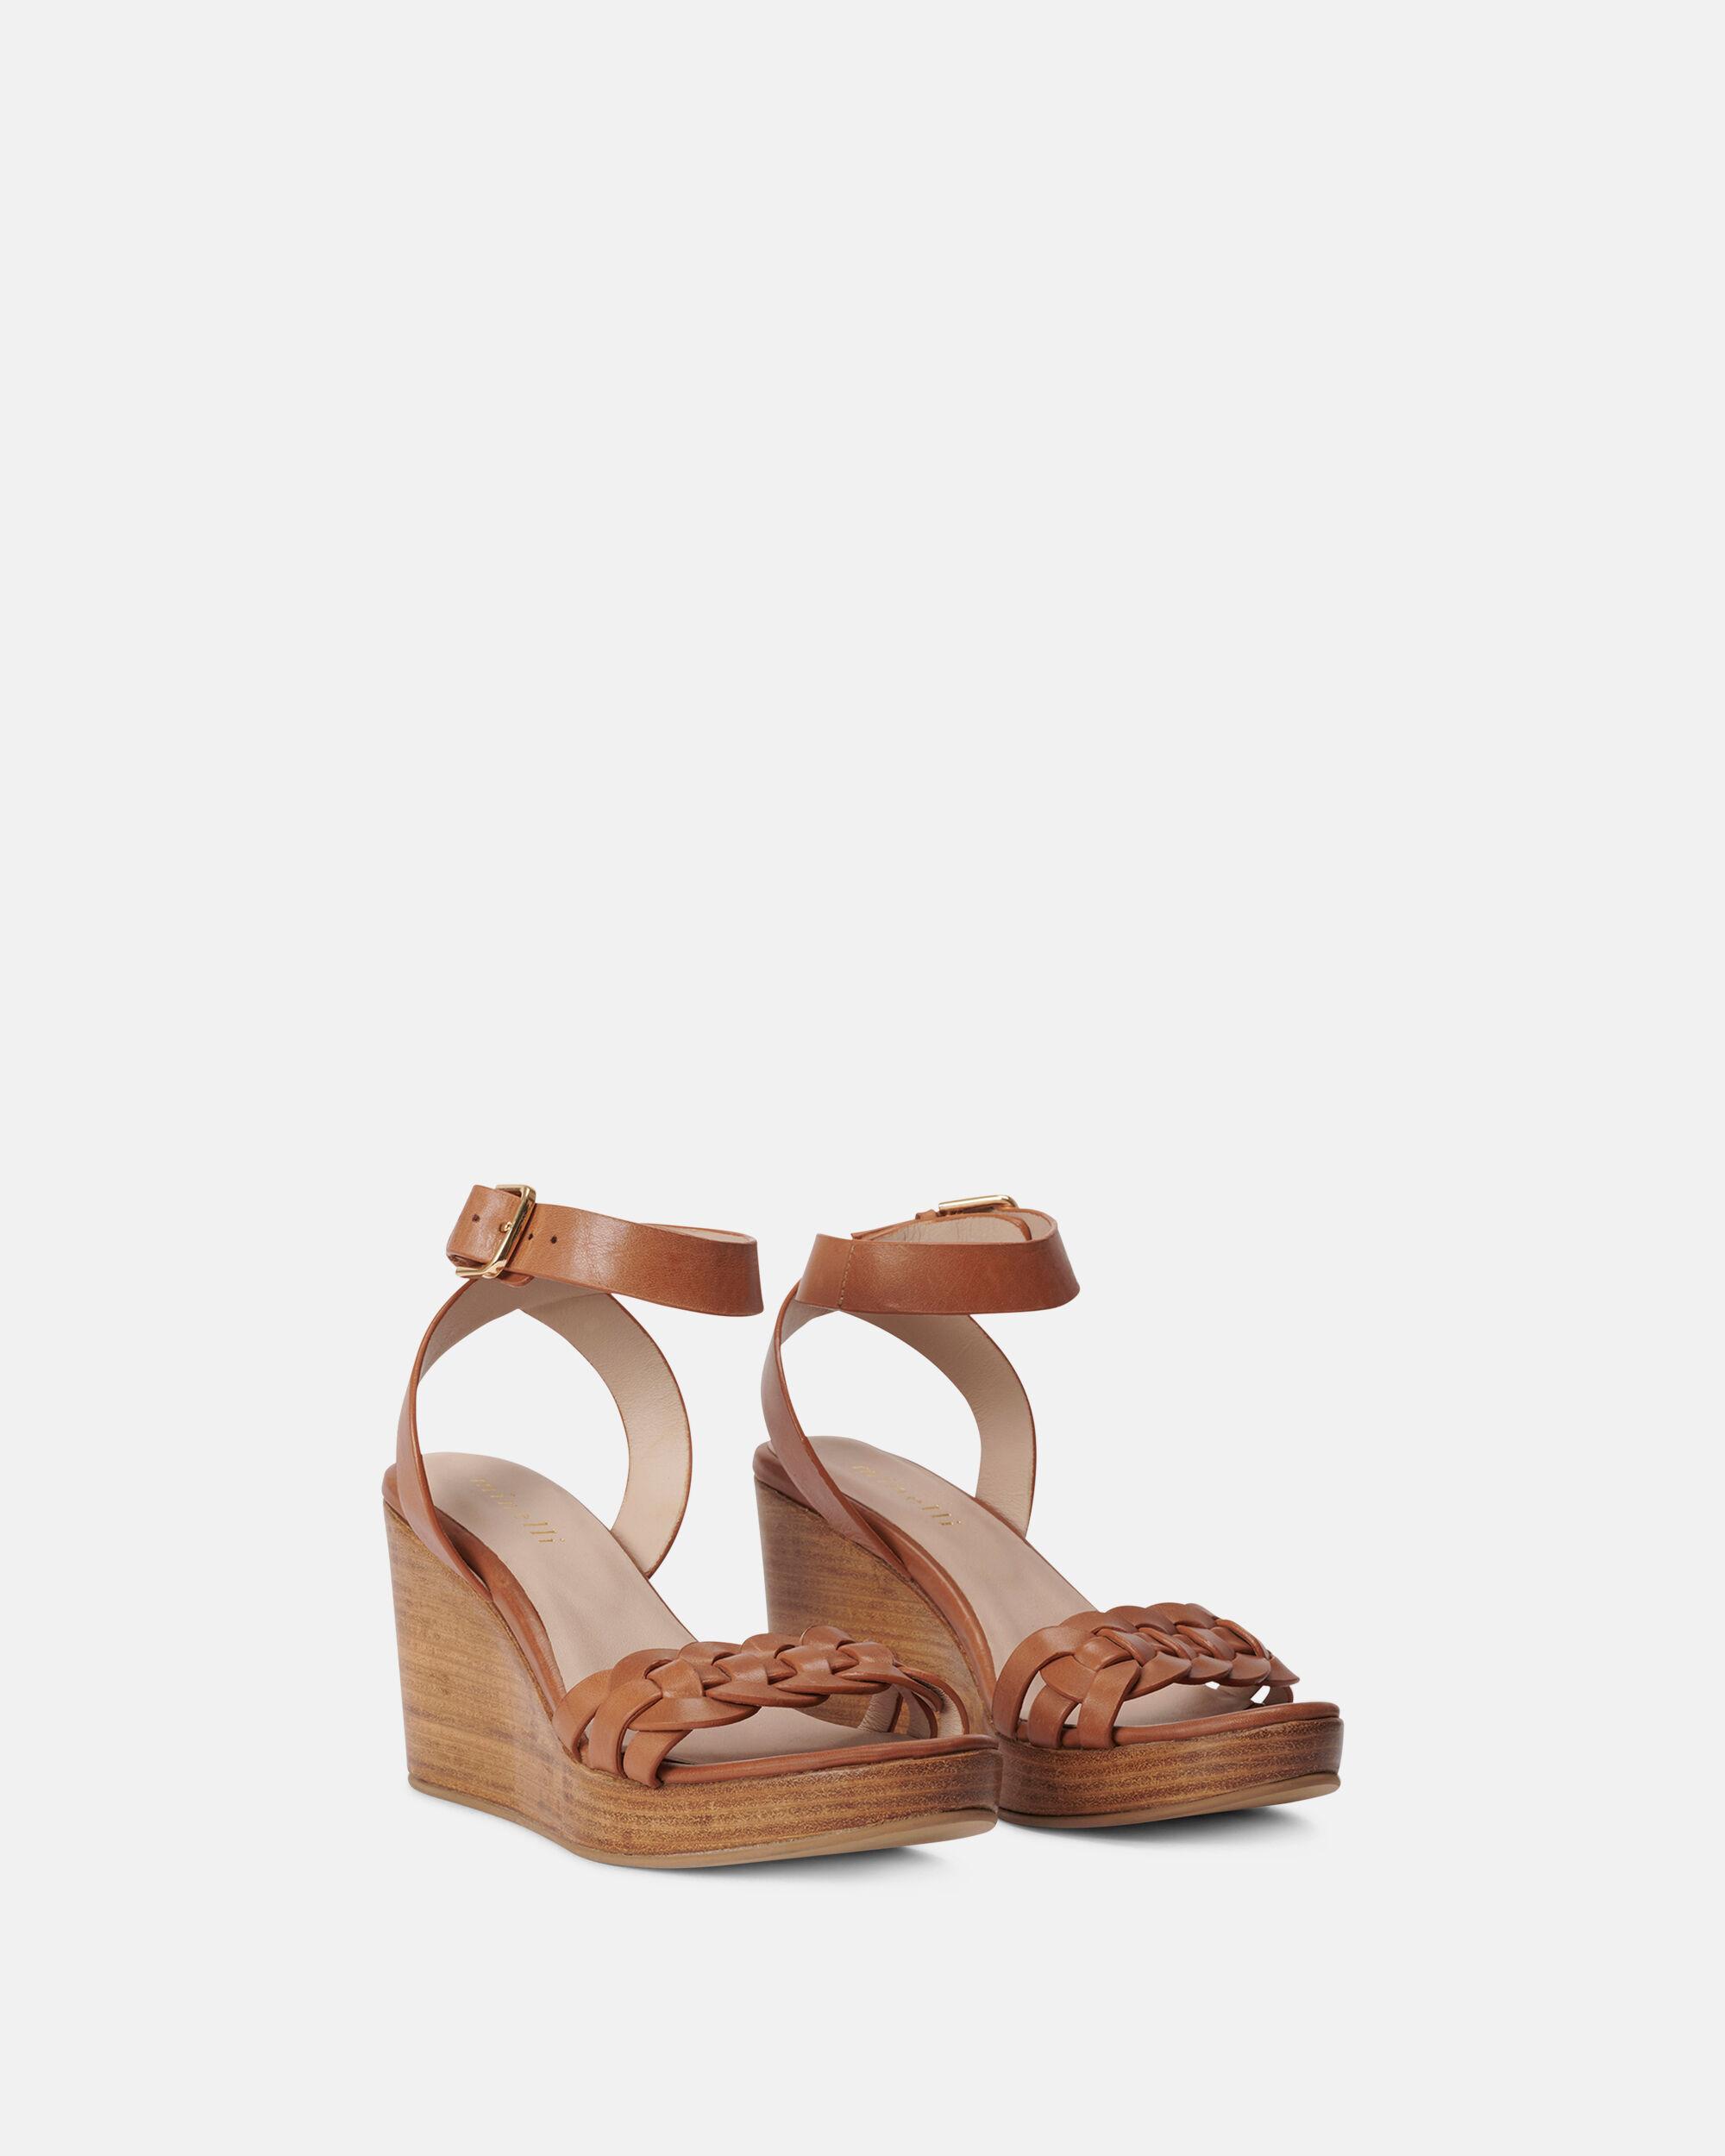 chaussure taille 35 talon compensé minelli